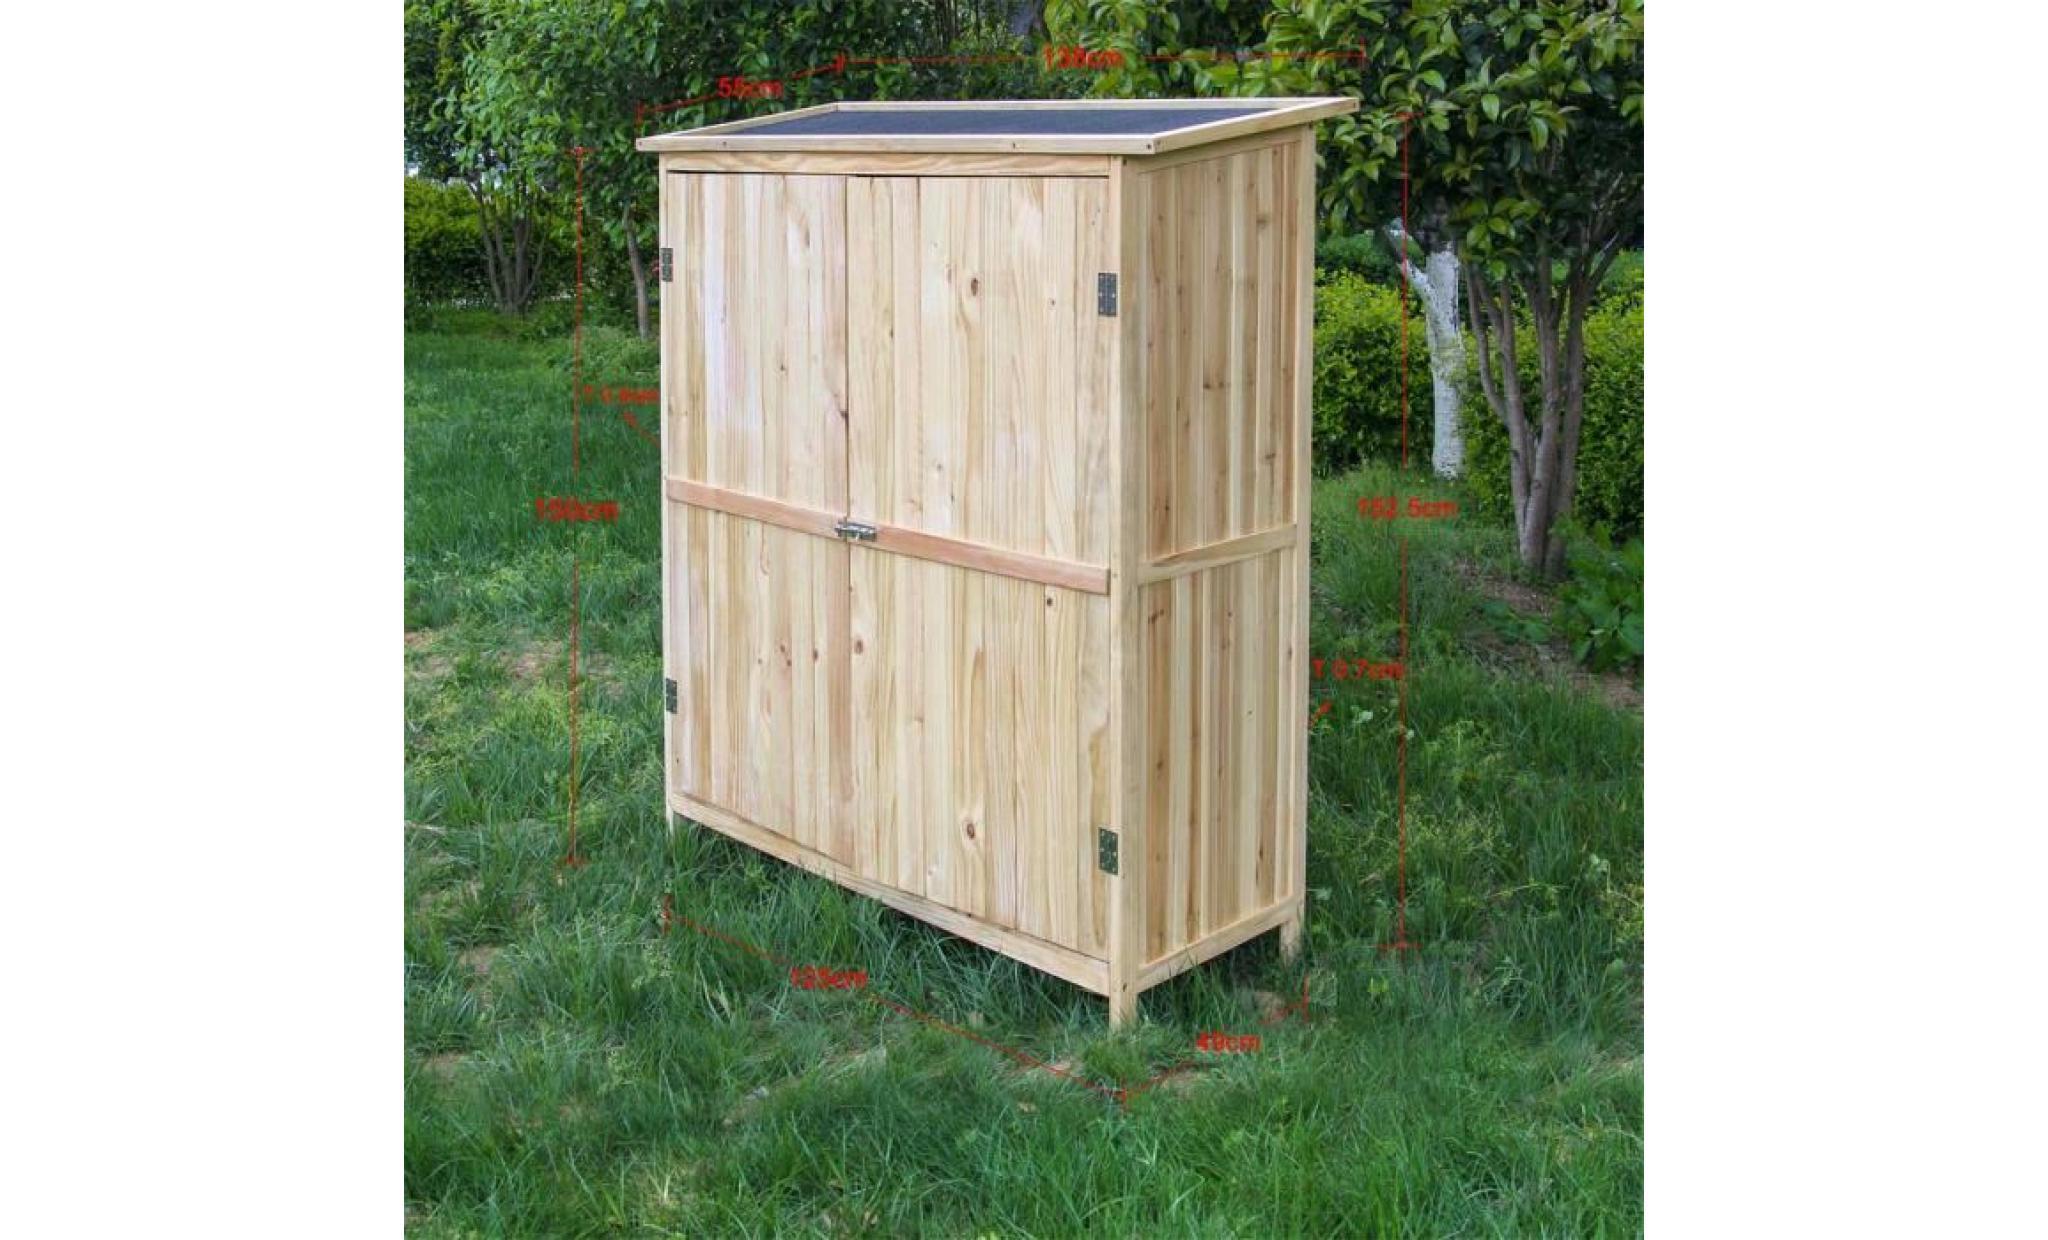 Armoire De Jardin En Bois Naturel 2 Portes 138x55x155cm Armoire A Outils 60822 Achat Vente Armoire Pas Cher Couleur Et Design Fr